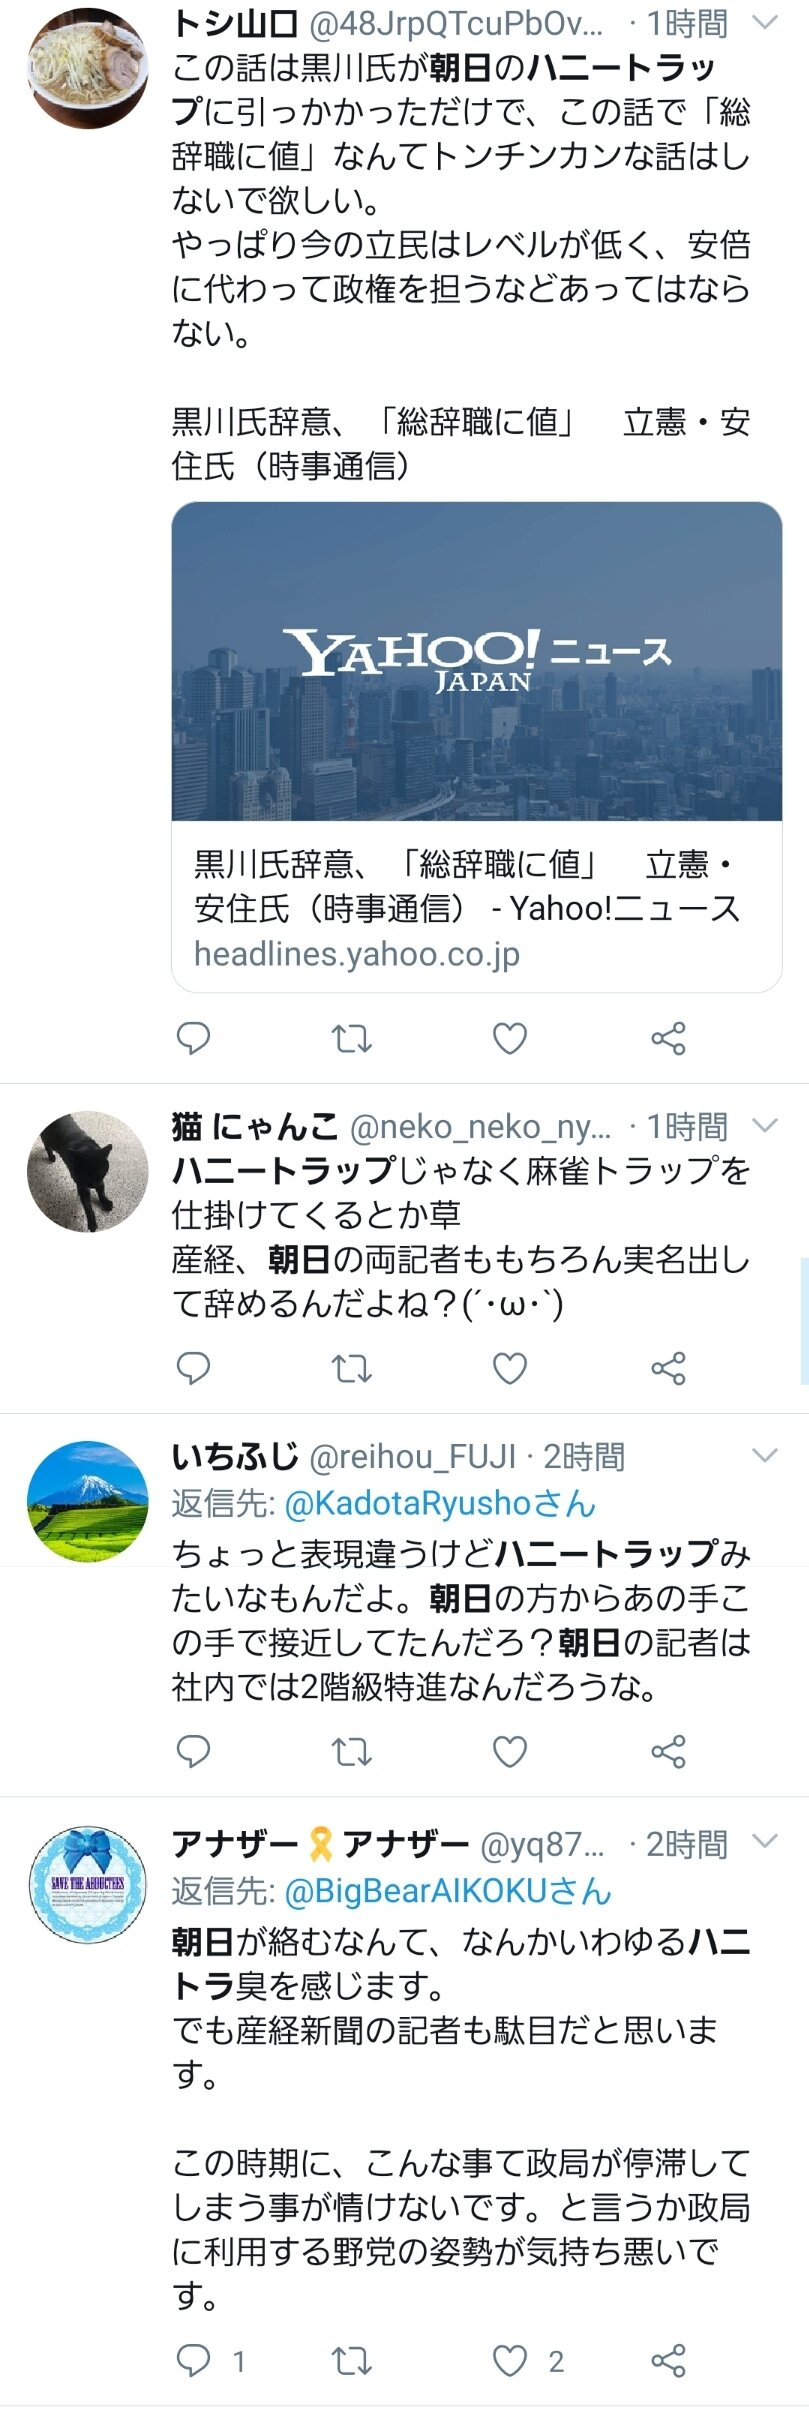 にゃんこ ハニー 戦争 トラップ 大